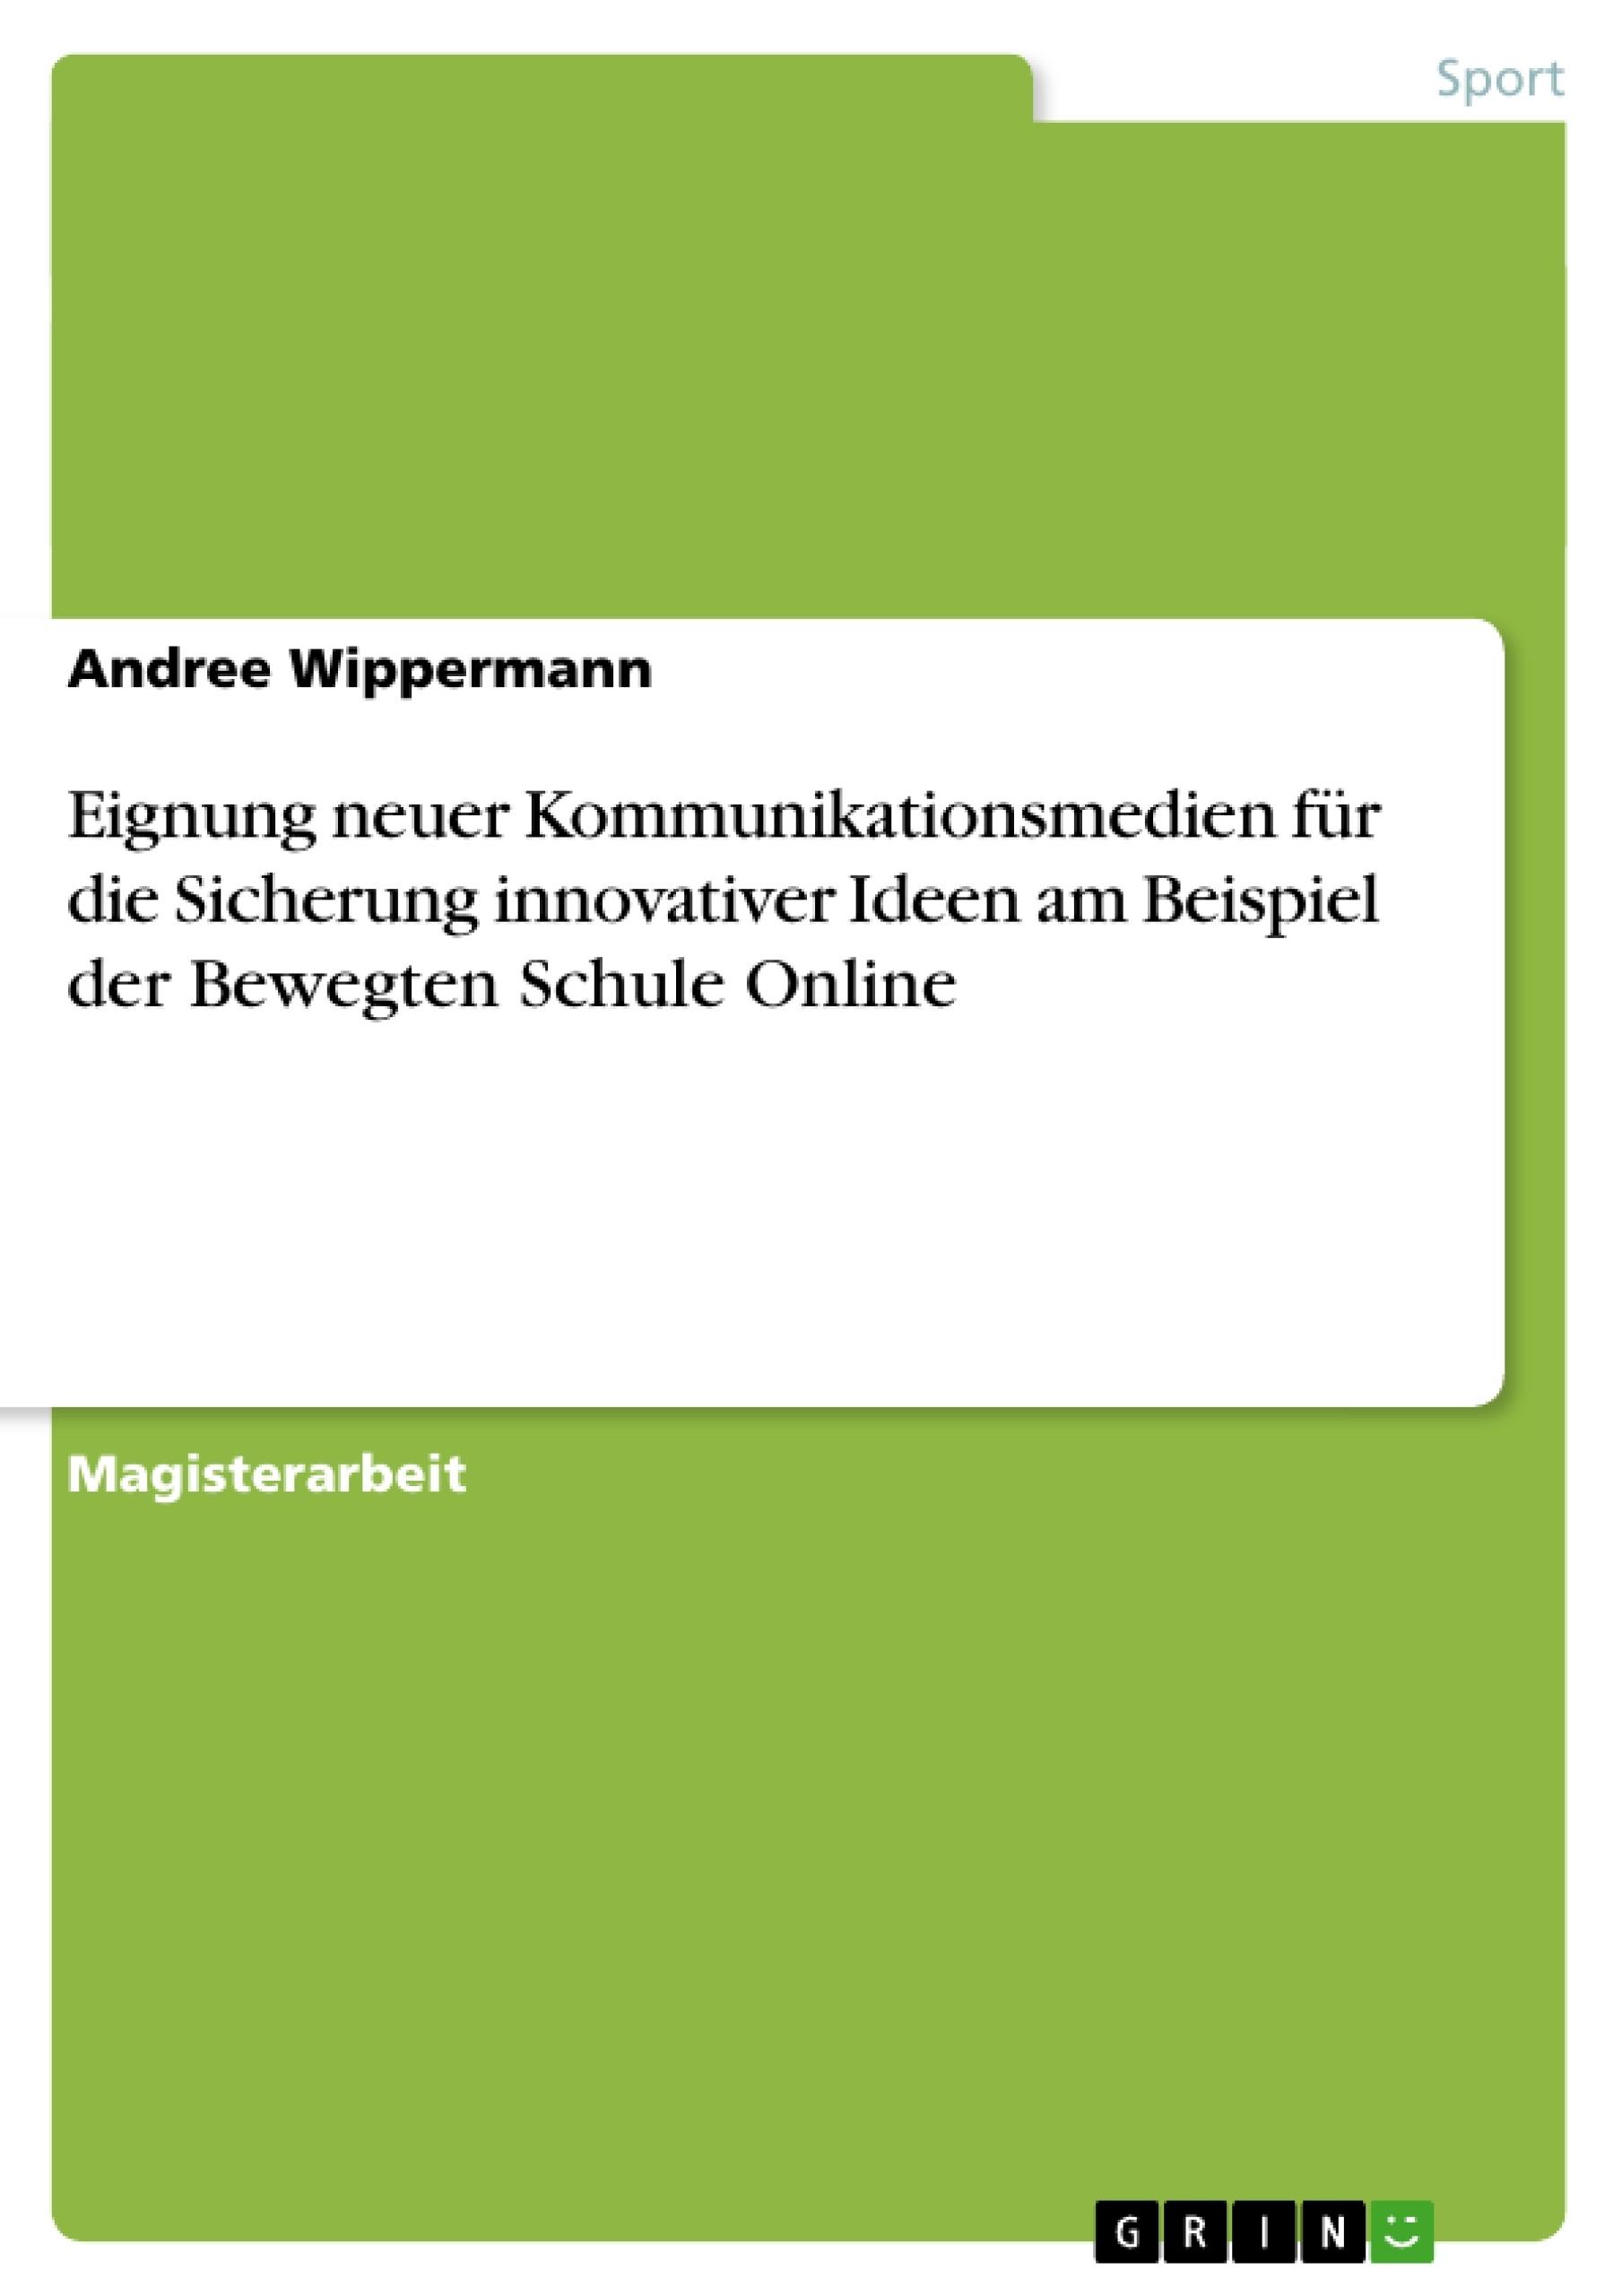 Titel: Eignung neuer Kommunikationsmedien für die Sicherung innovativer Ideen am Beispiel der Bewegten Schule Online